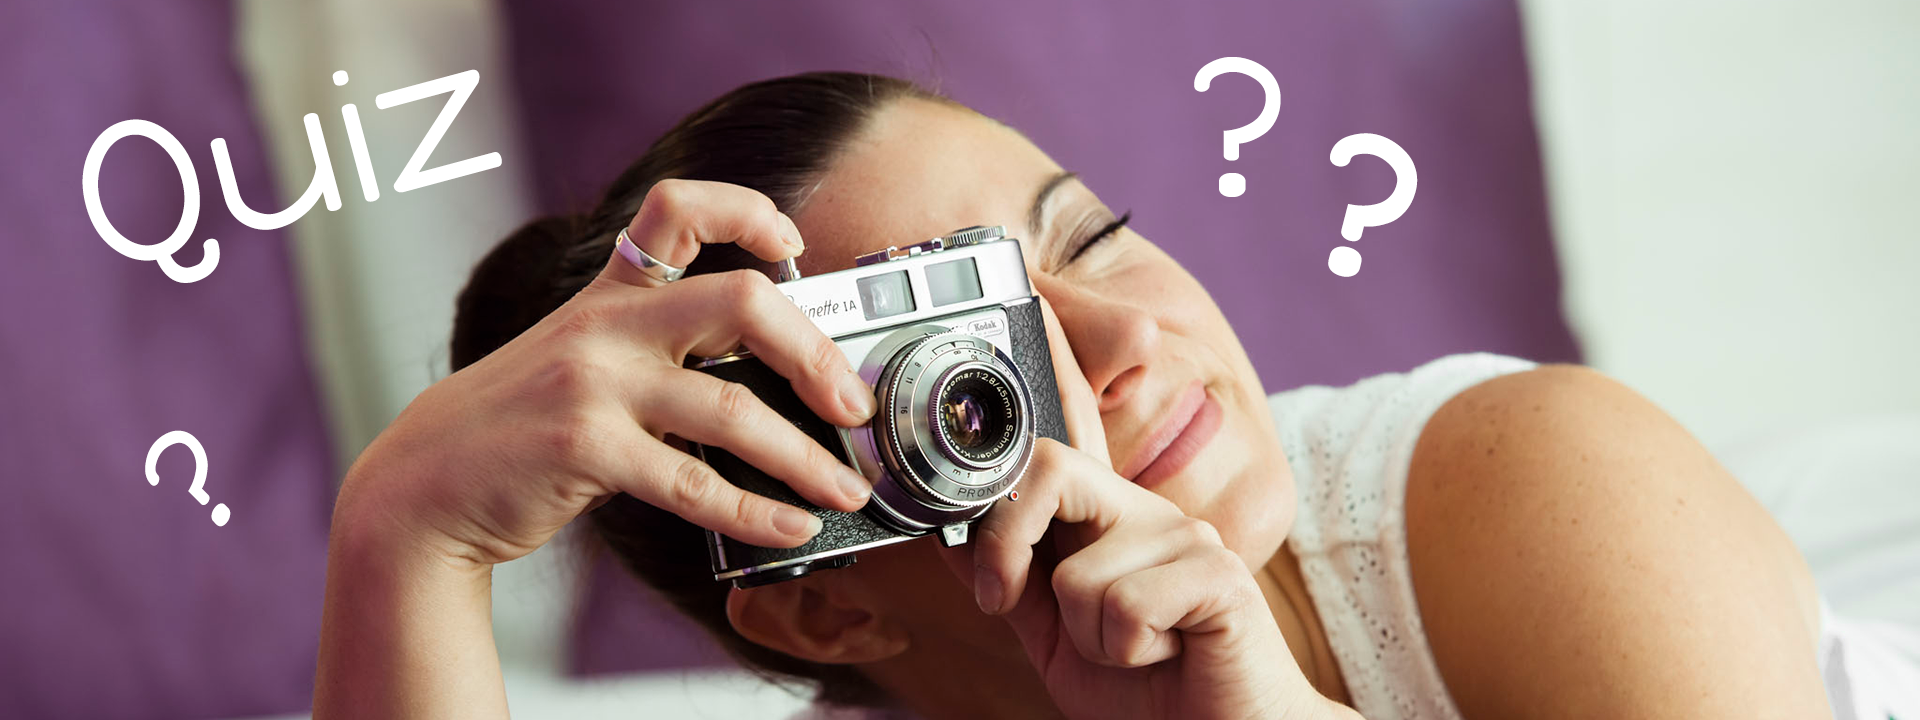 Femme qui souhaite apprendre la photo avec un jeu de quiz photo allongée sur son lit avec un appareil photo numérique dans les mains, question sur la photographie, test de connaissance photo, qcm photo numérique